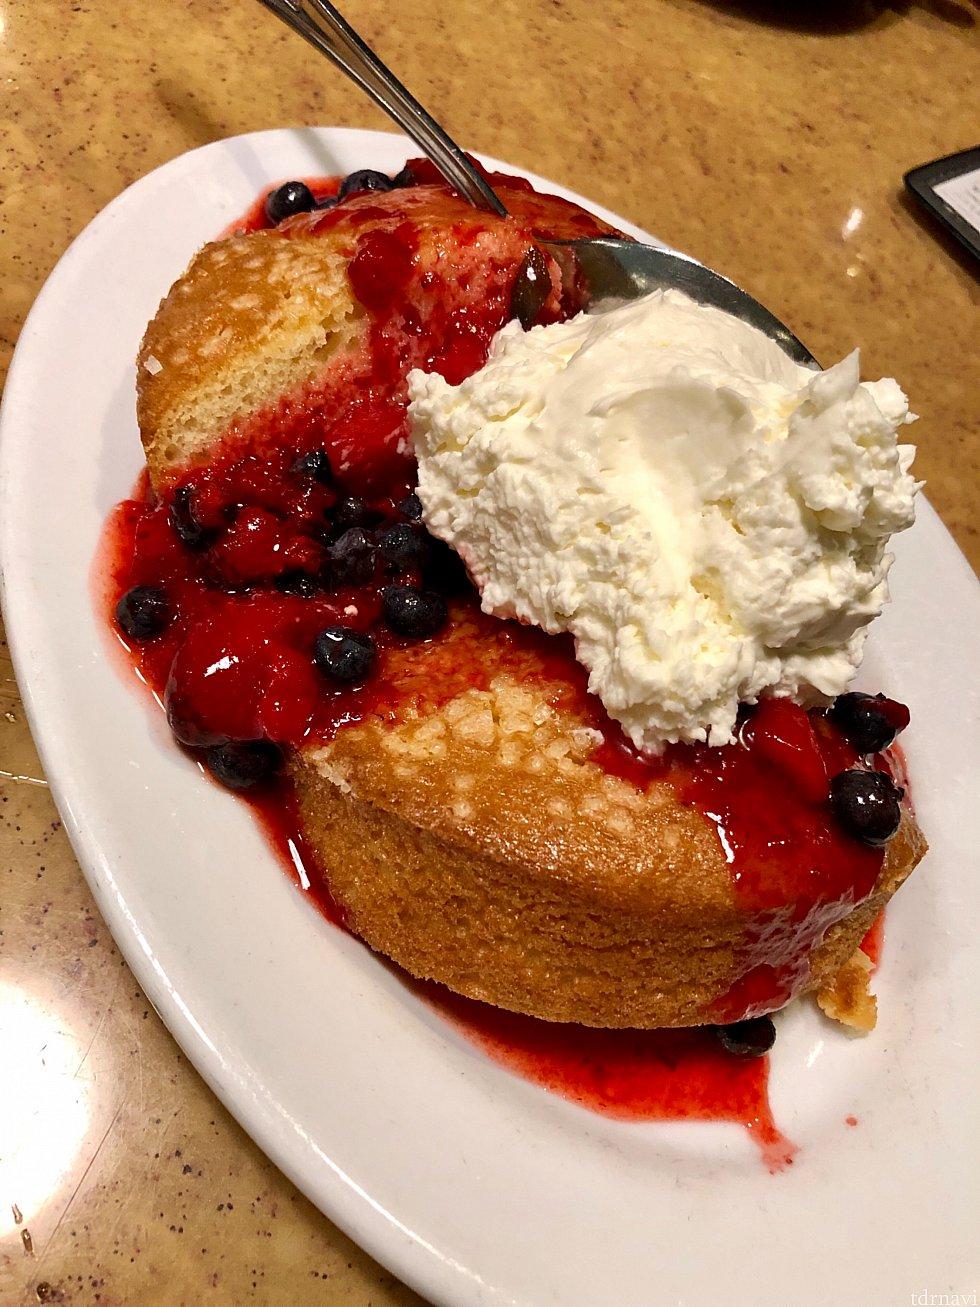 料理のおかわりは仕放題ですが、二皿目を注文出来るような量では無かったです。メインディッシュを下げてもらうと、ストロベリーショートケーキが用意されます。これがアメリカのショートケーキです!これ見た目と違って意外と甘さ控え目で満腹でも結構食べれてしまうのが不思議。